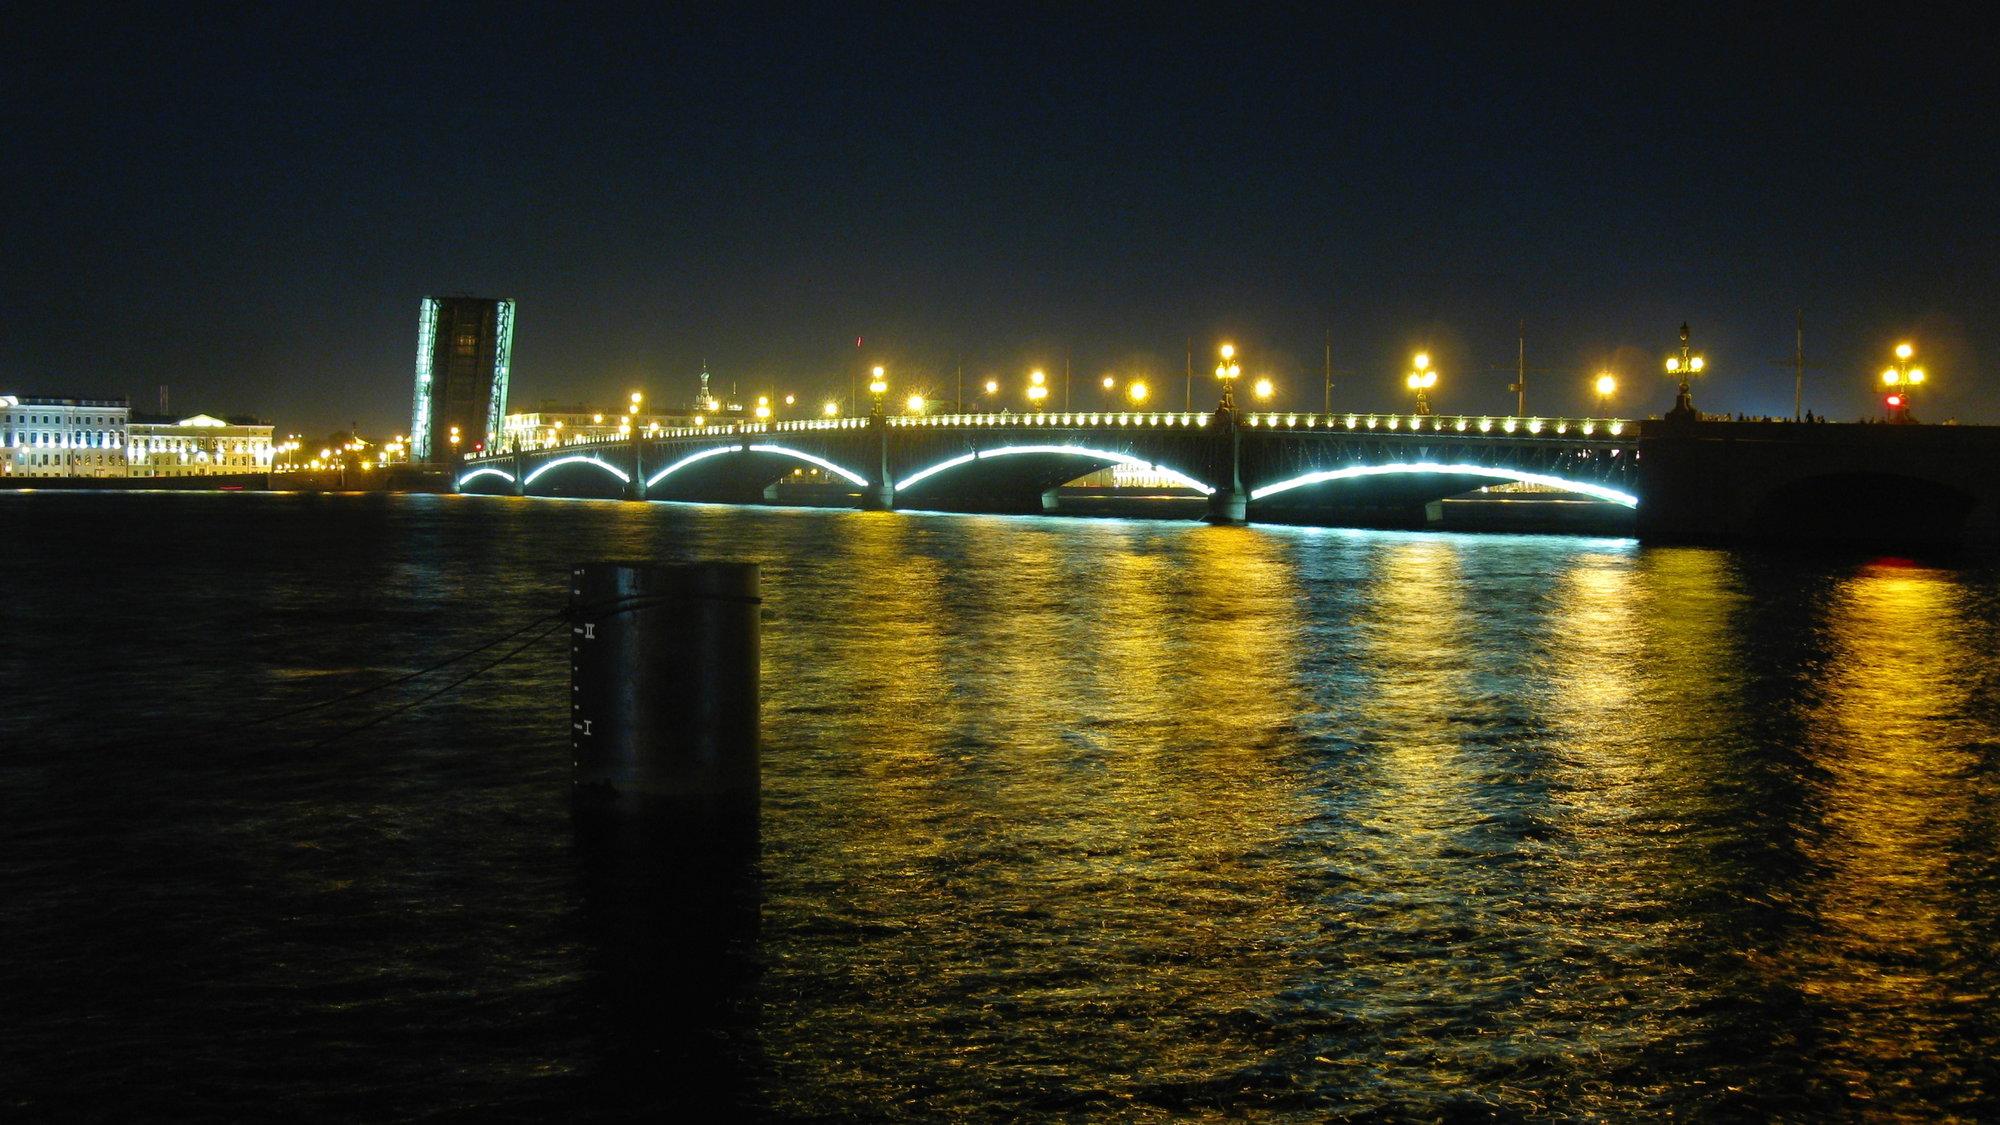 Освещенное побережье и мосты реки Невы